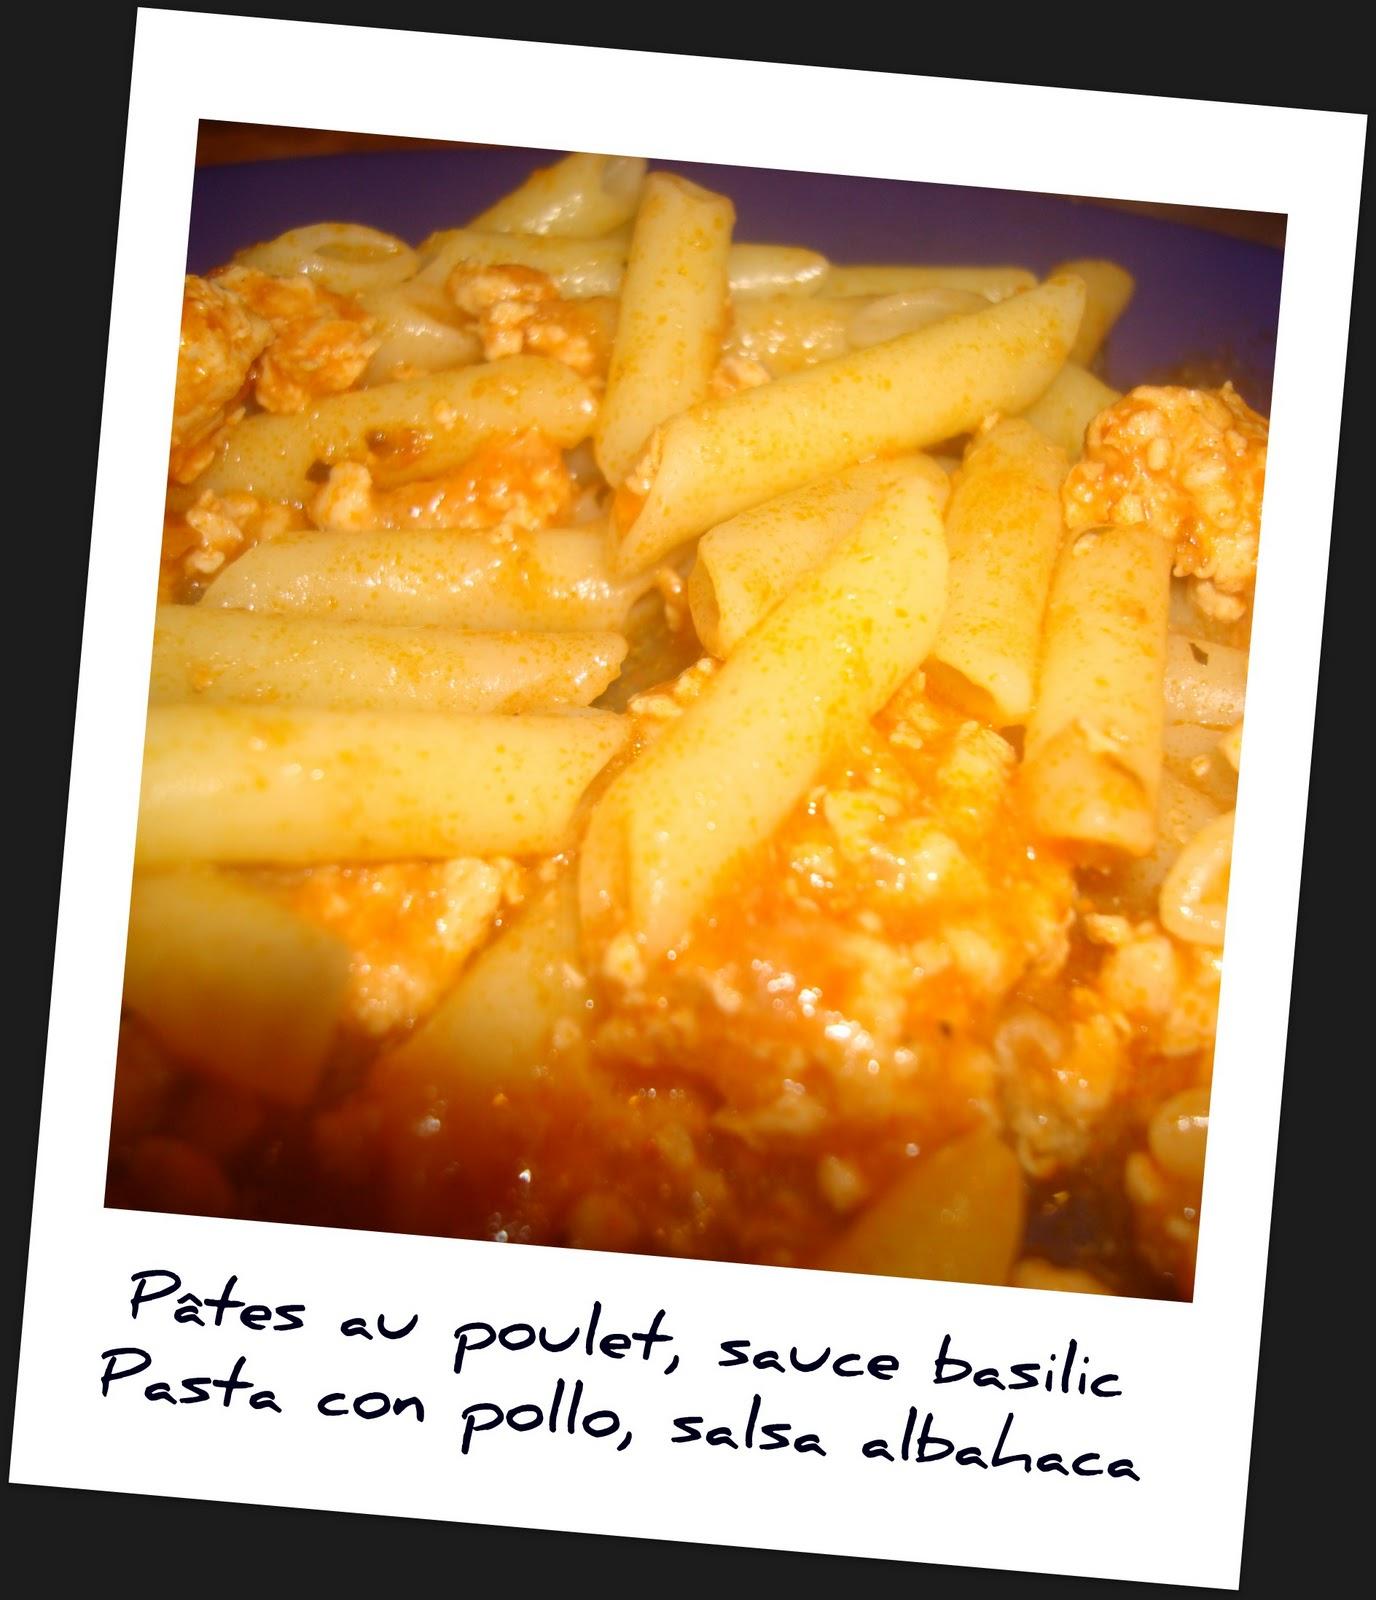 bon appetit p tes au poulet sauce basilic pasta con pollo salsa alhabaca. Black Bedroom Furniture Sets. Home Design Ideas